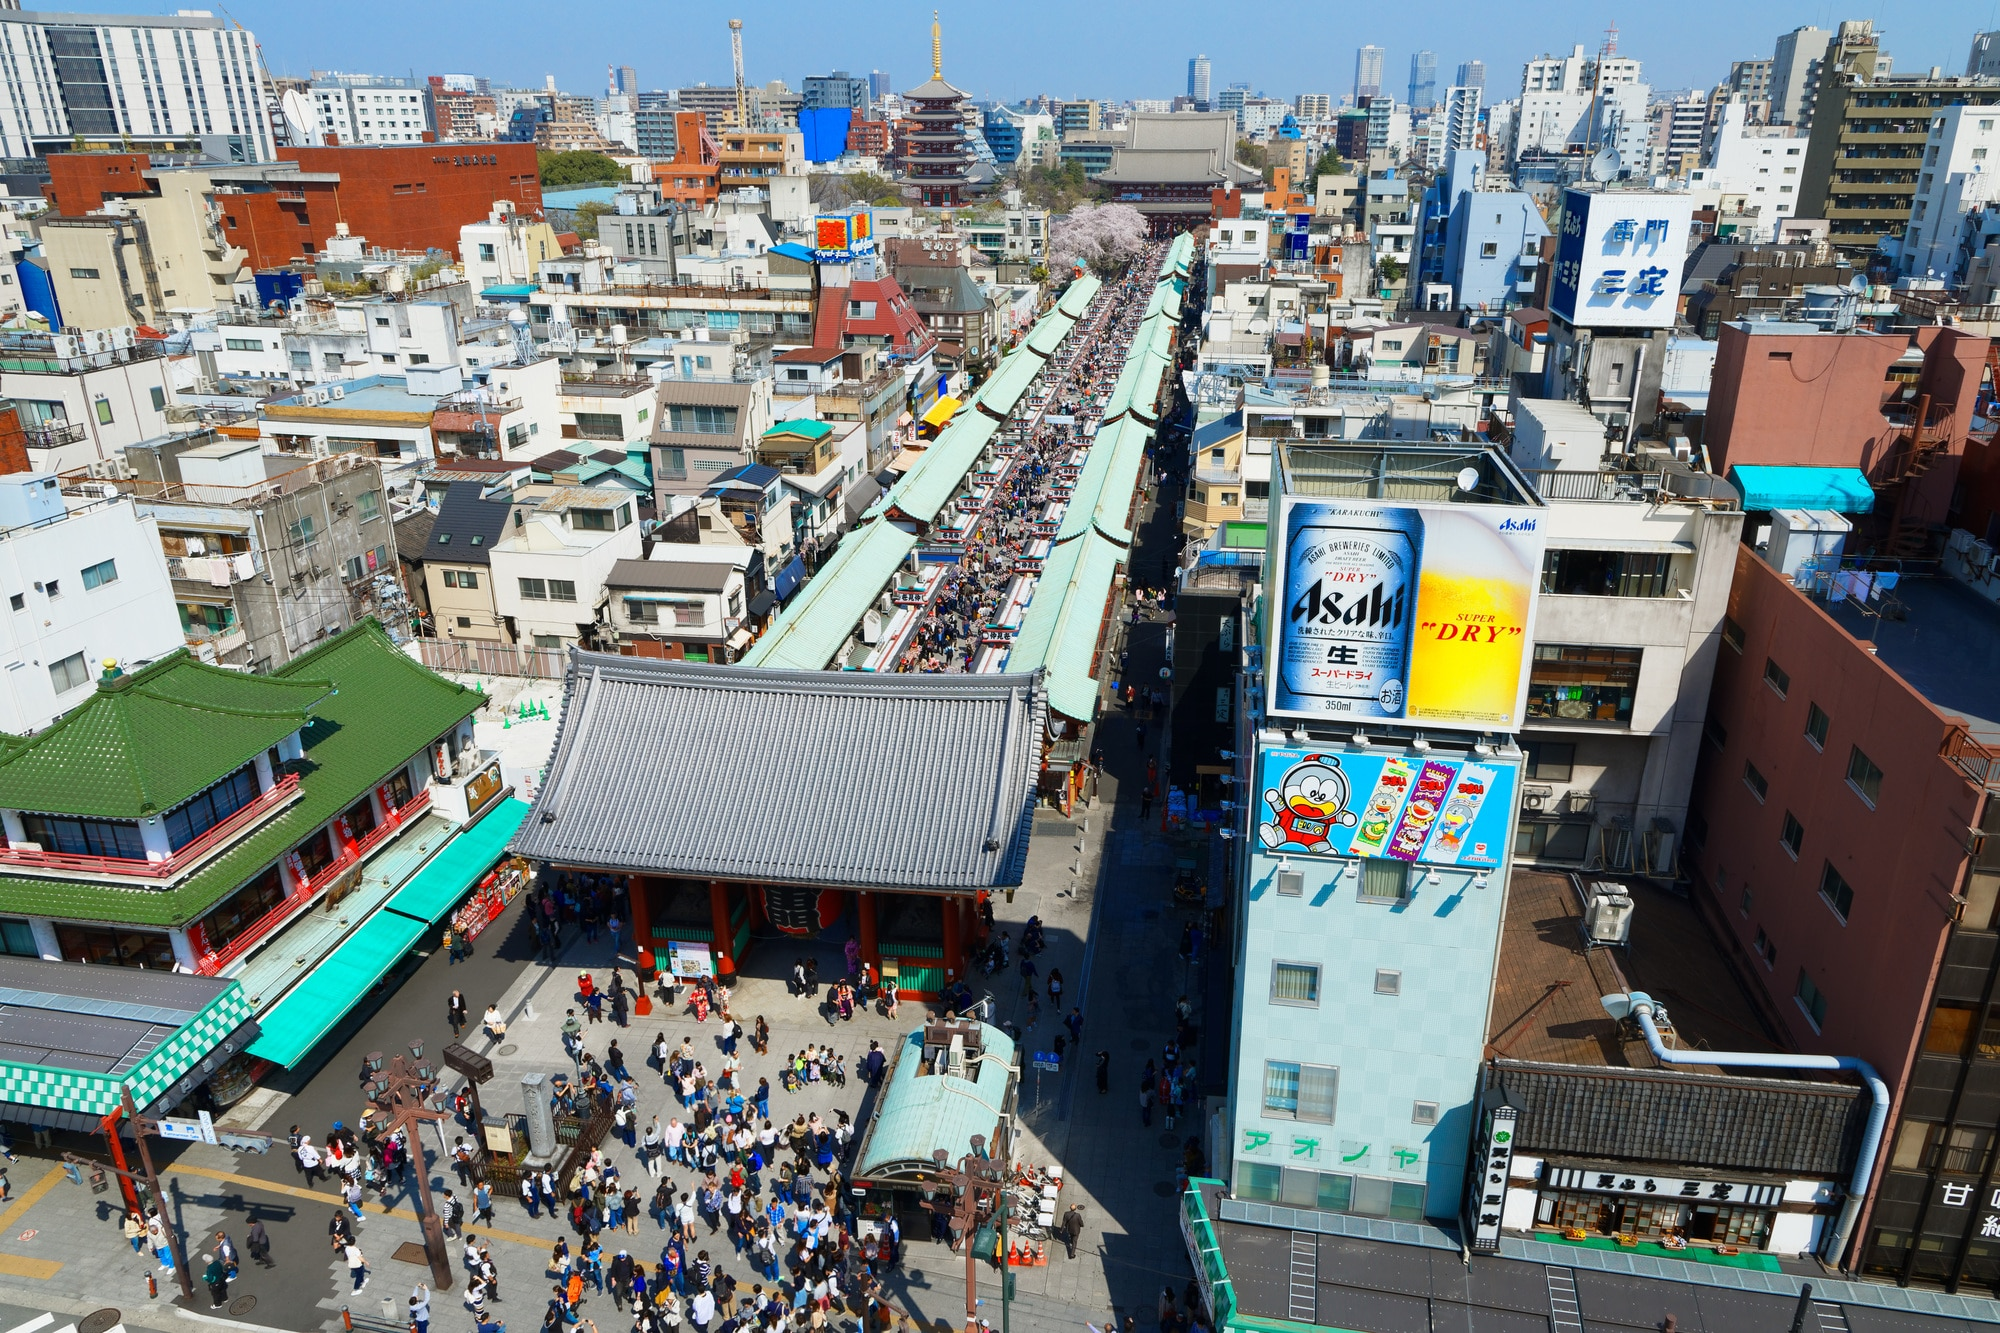 浅草で必訪の雷門と仲見世通りは東京下町のランドマーク!